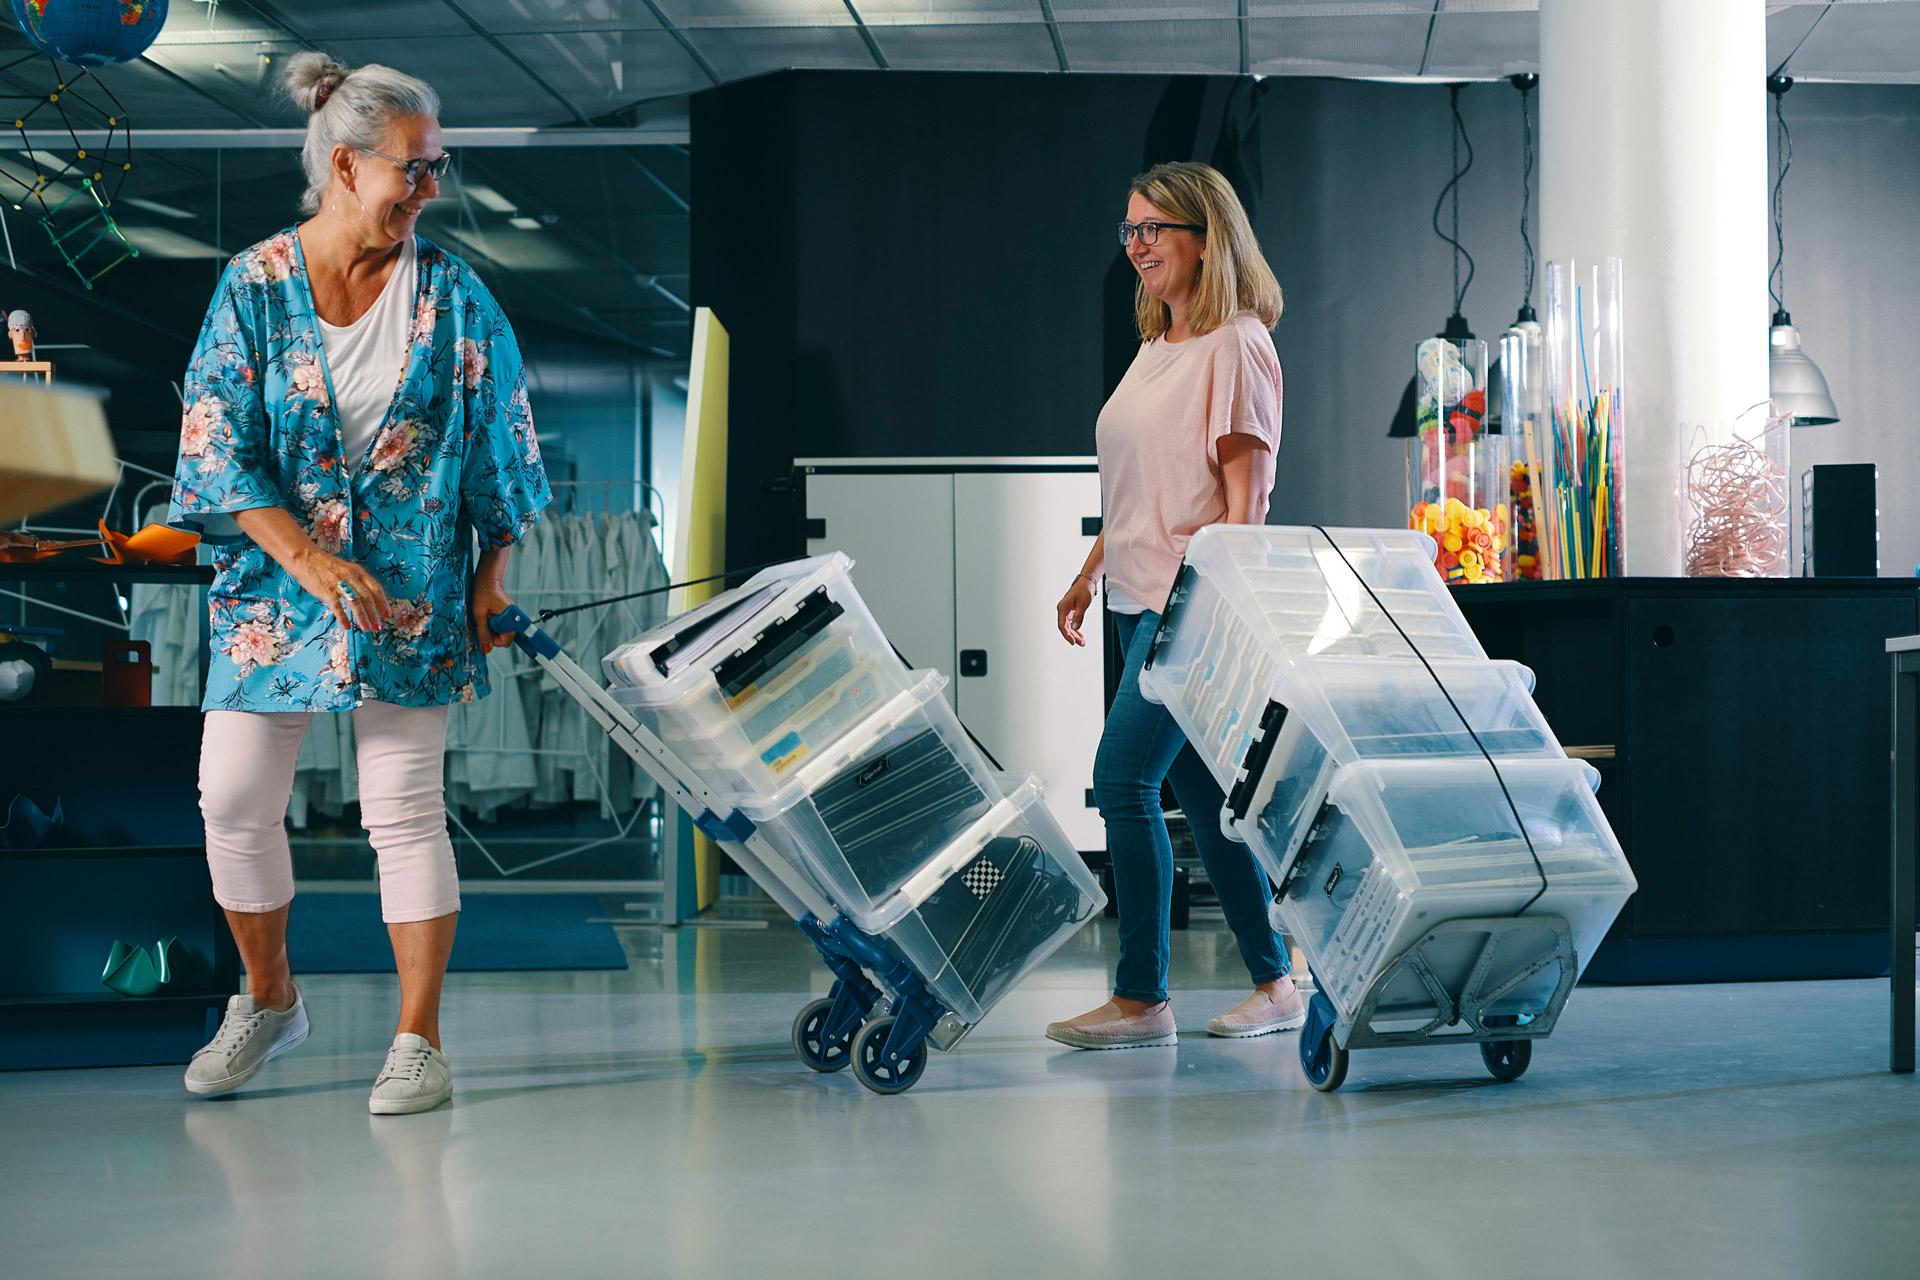 Lärare hämtar utlåningsmaterial till sin skola på expectrum i Västerås. Fotograf: Af Adam